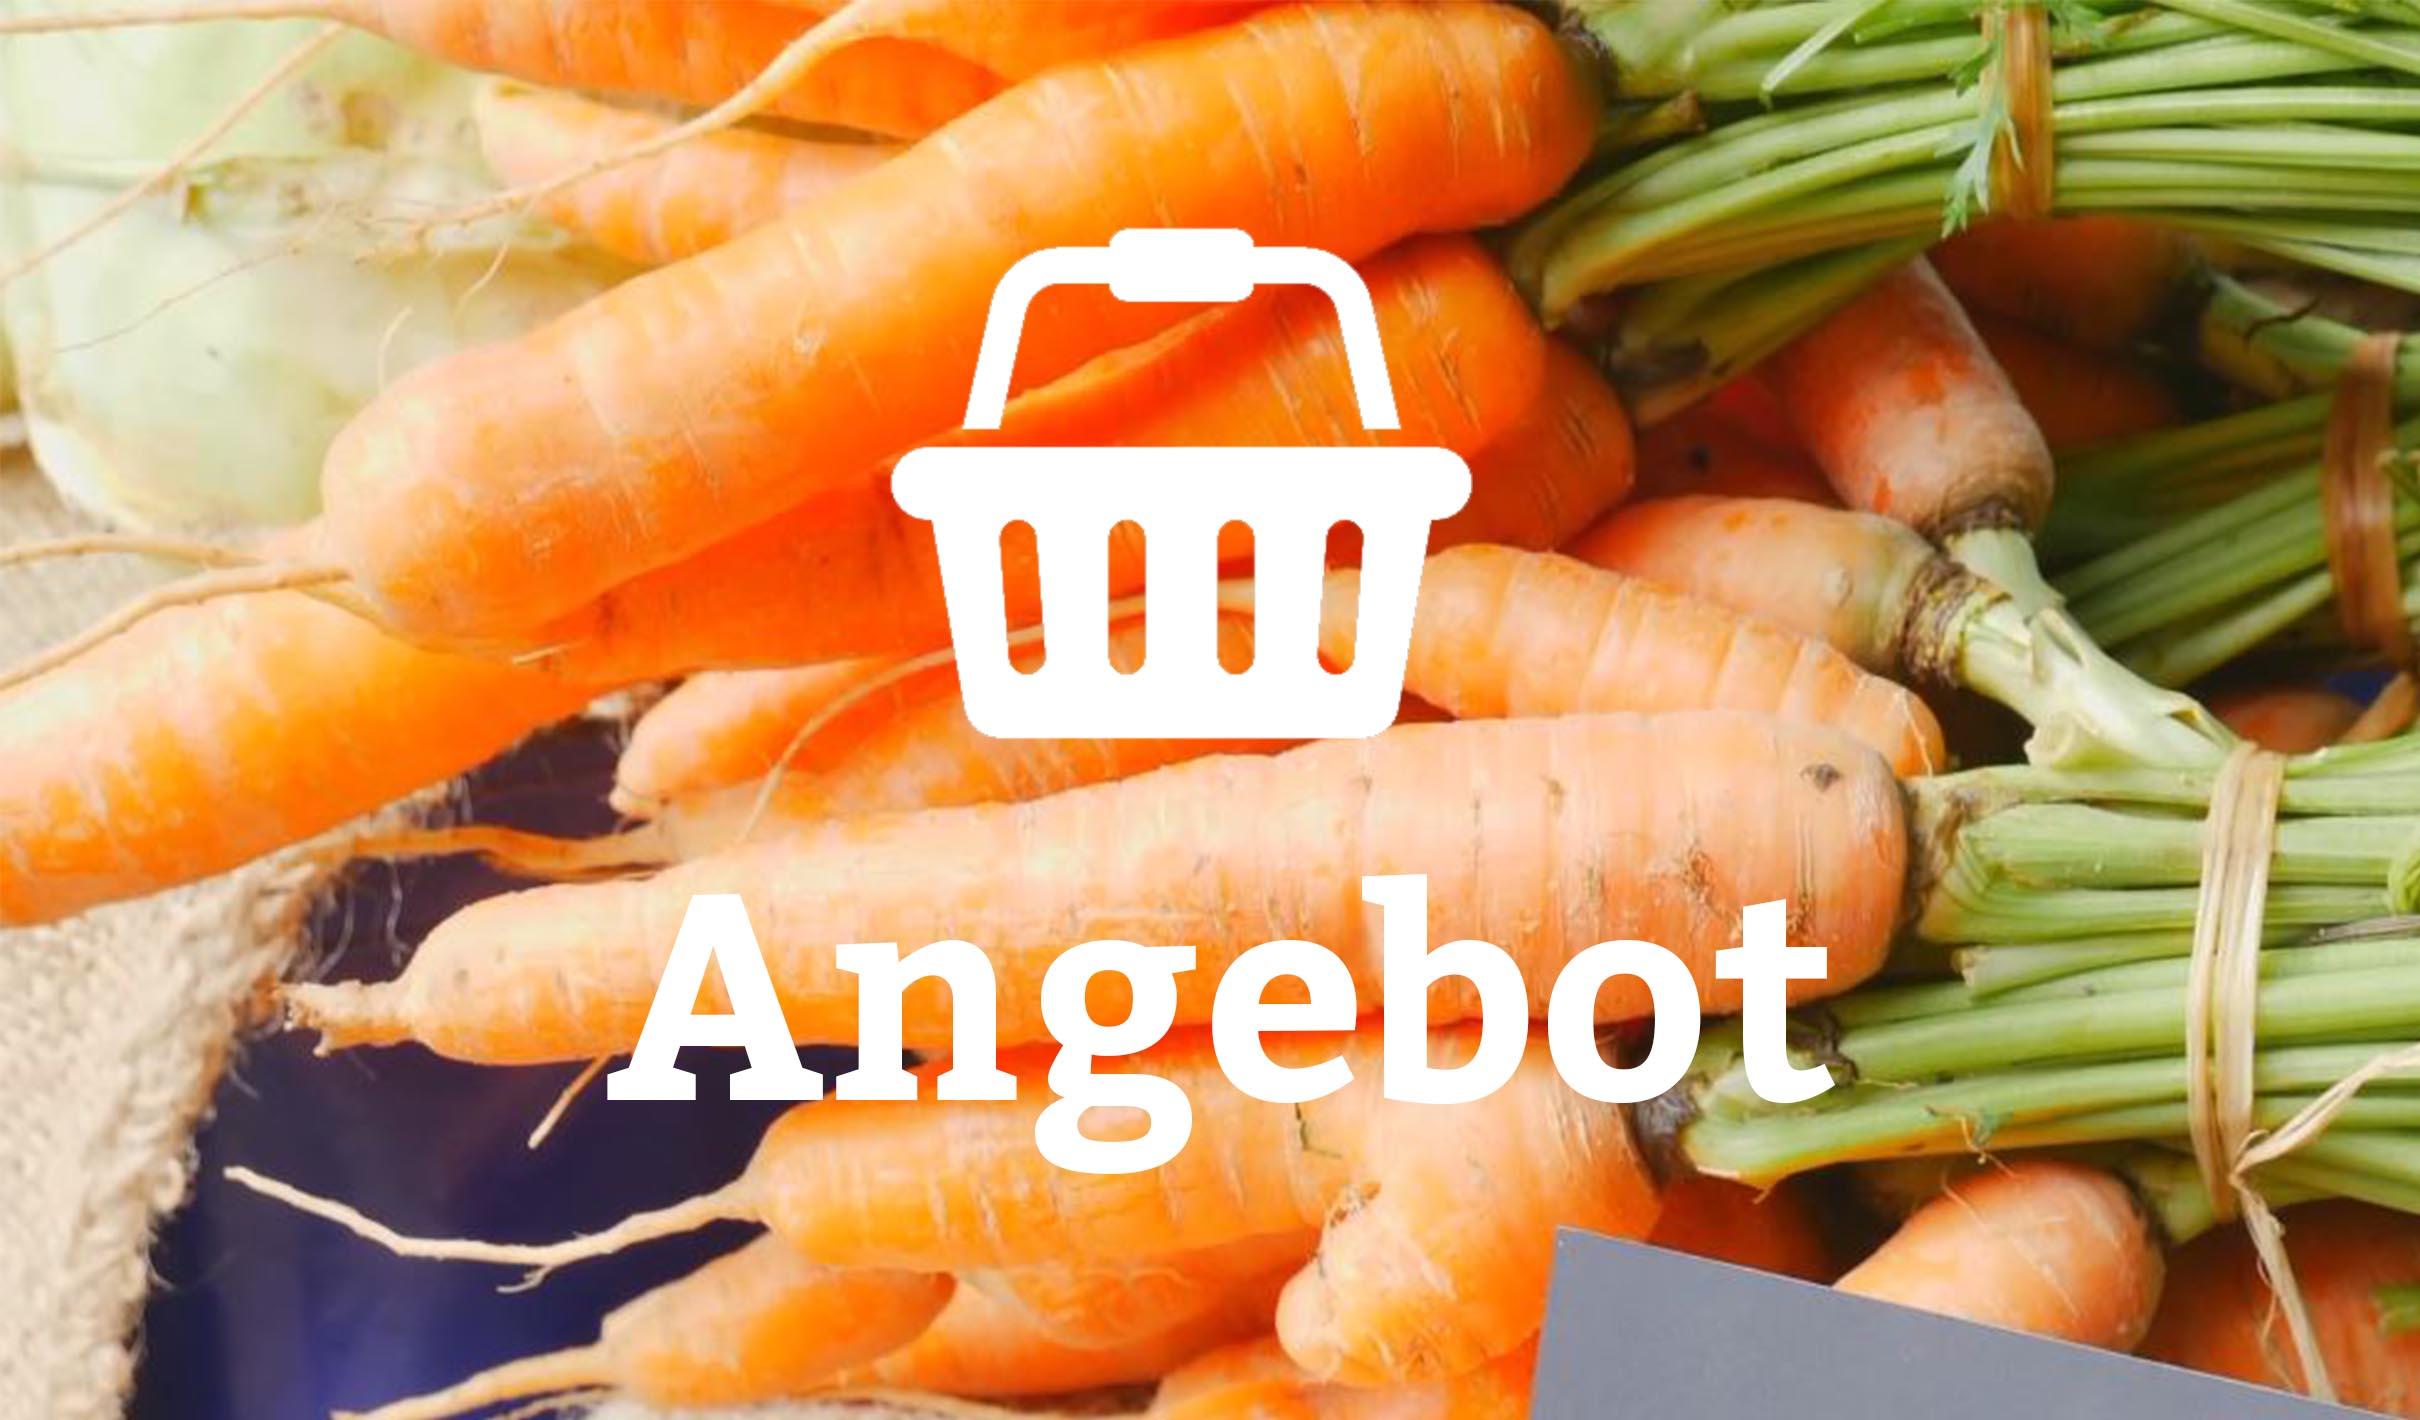 Webseite Wochenmarkt - Markttasche.jpg